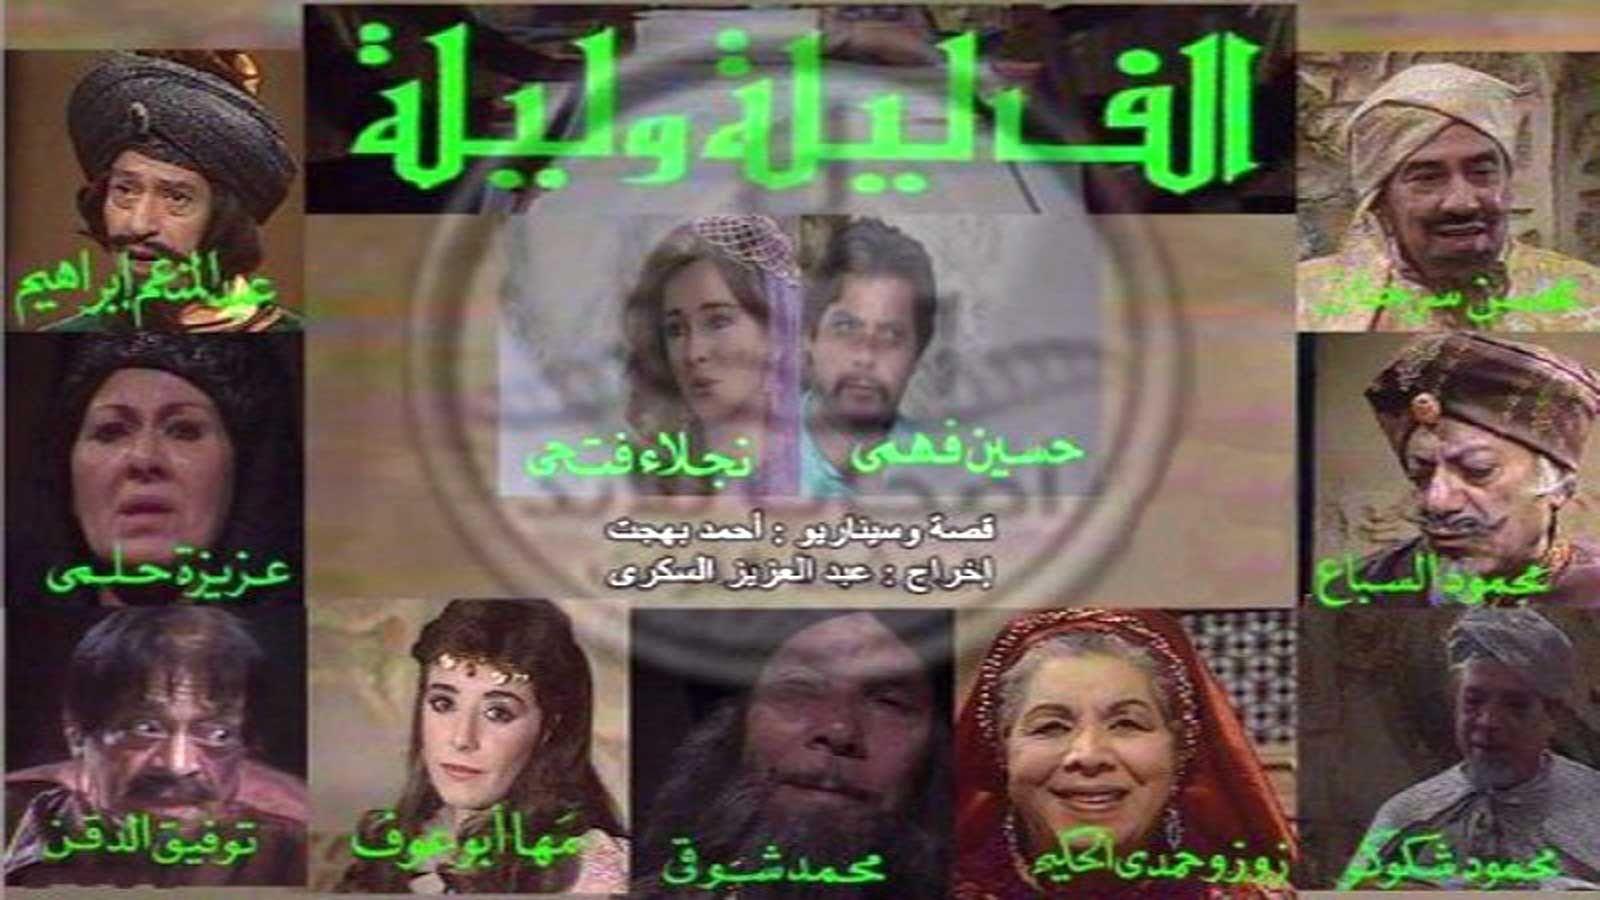 مسلسل الف ليلة وليلة نجلاء فتحي و حسين فهمي كامل مسرحيات